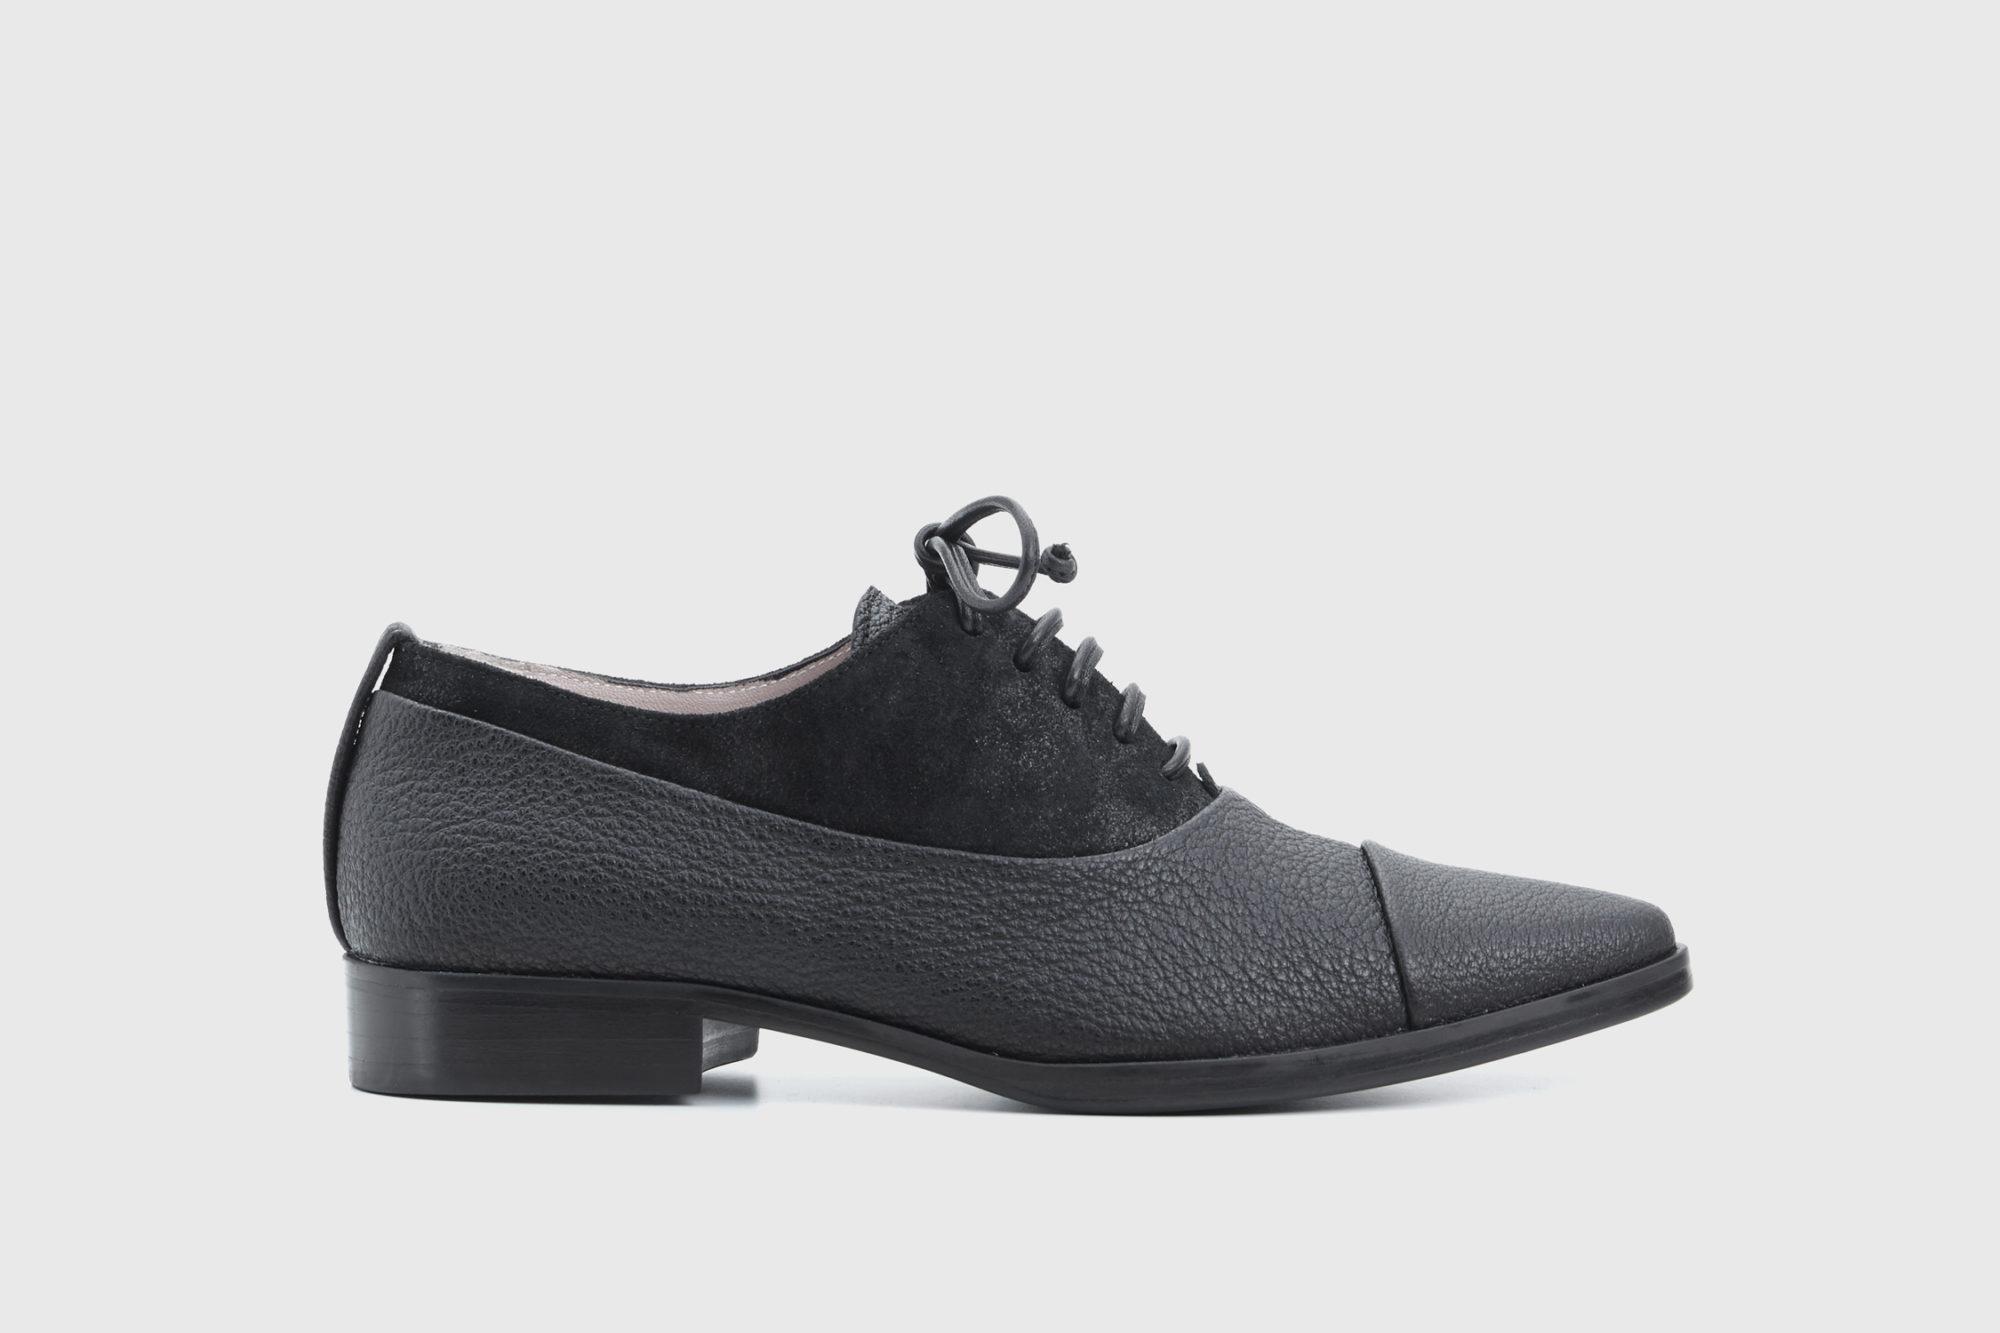 Dorotea zapato de cordones Billie negro fw18 perfil